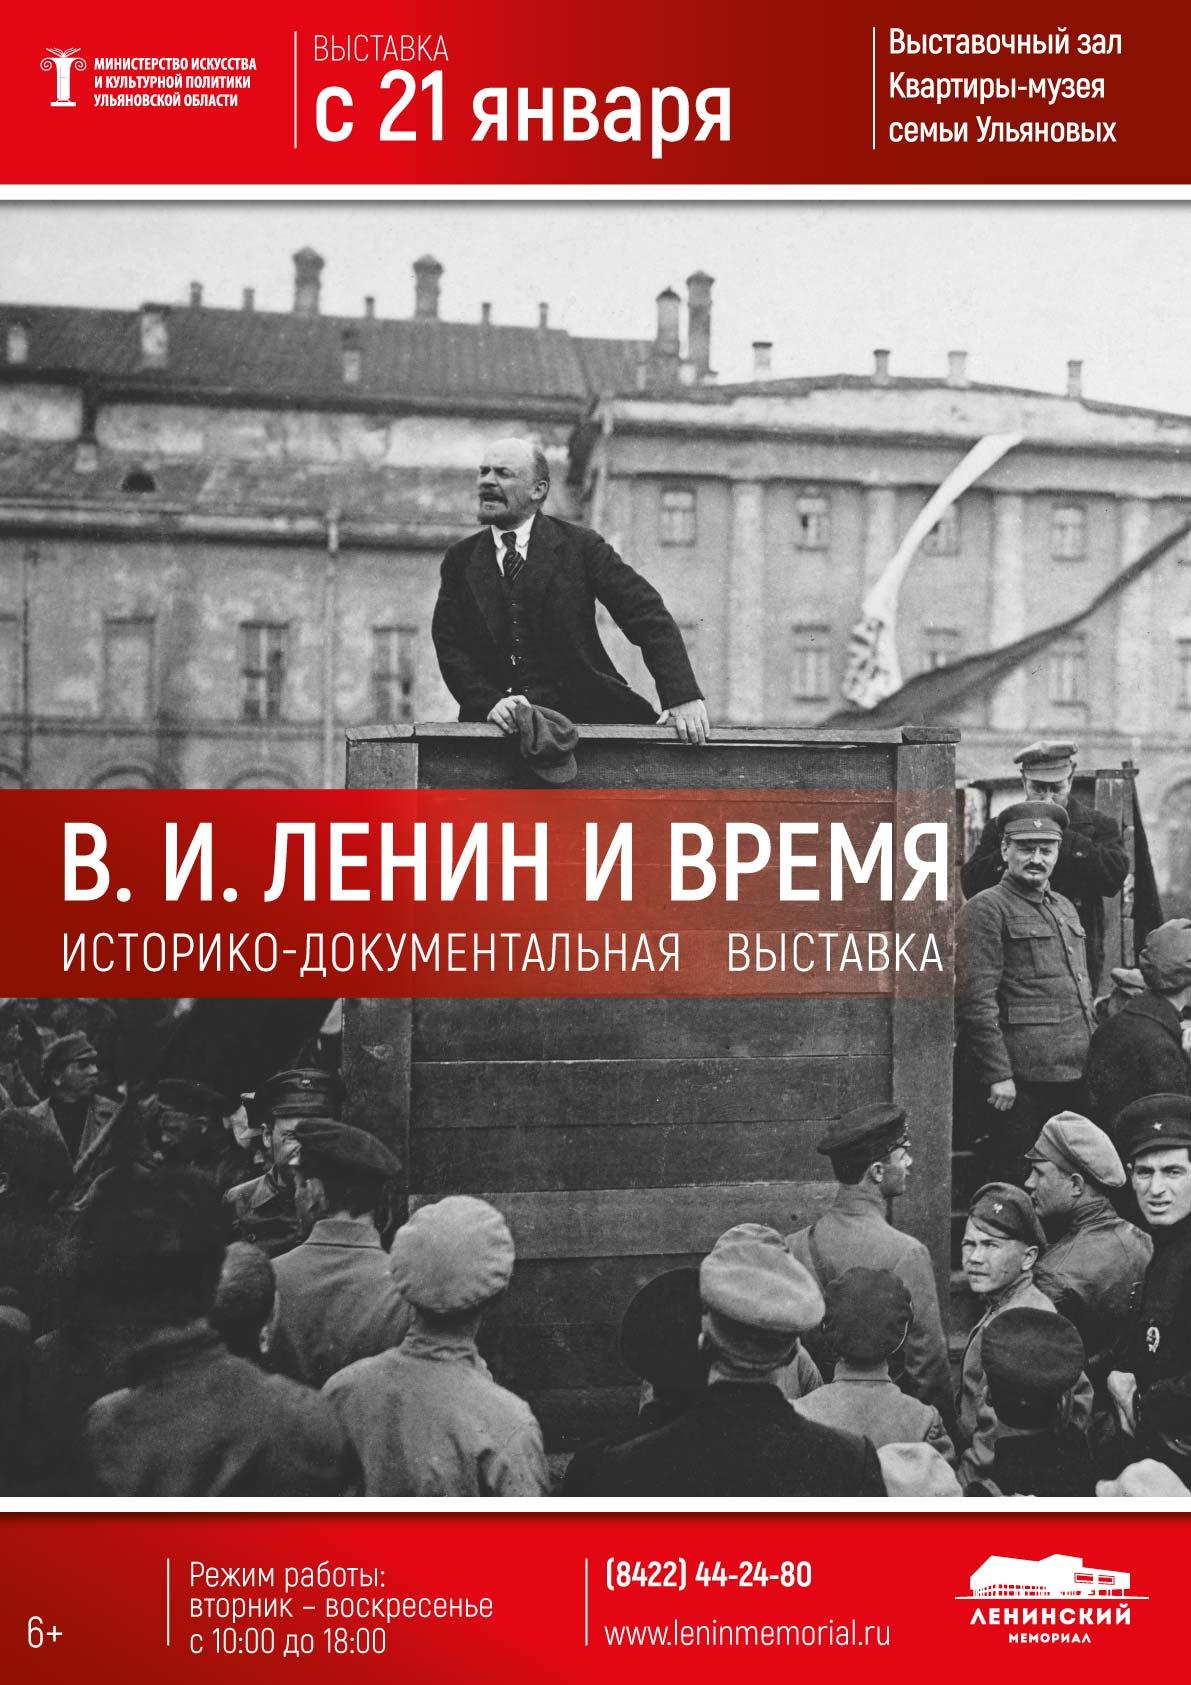 Выставка «Ленин и время» @ в Квартире-музее семьи Ульяновых (площадь Ленина, 1В)